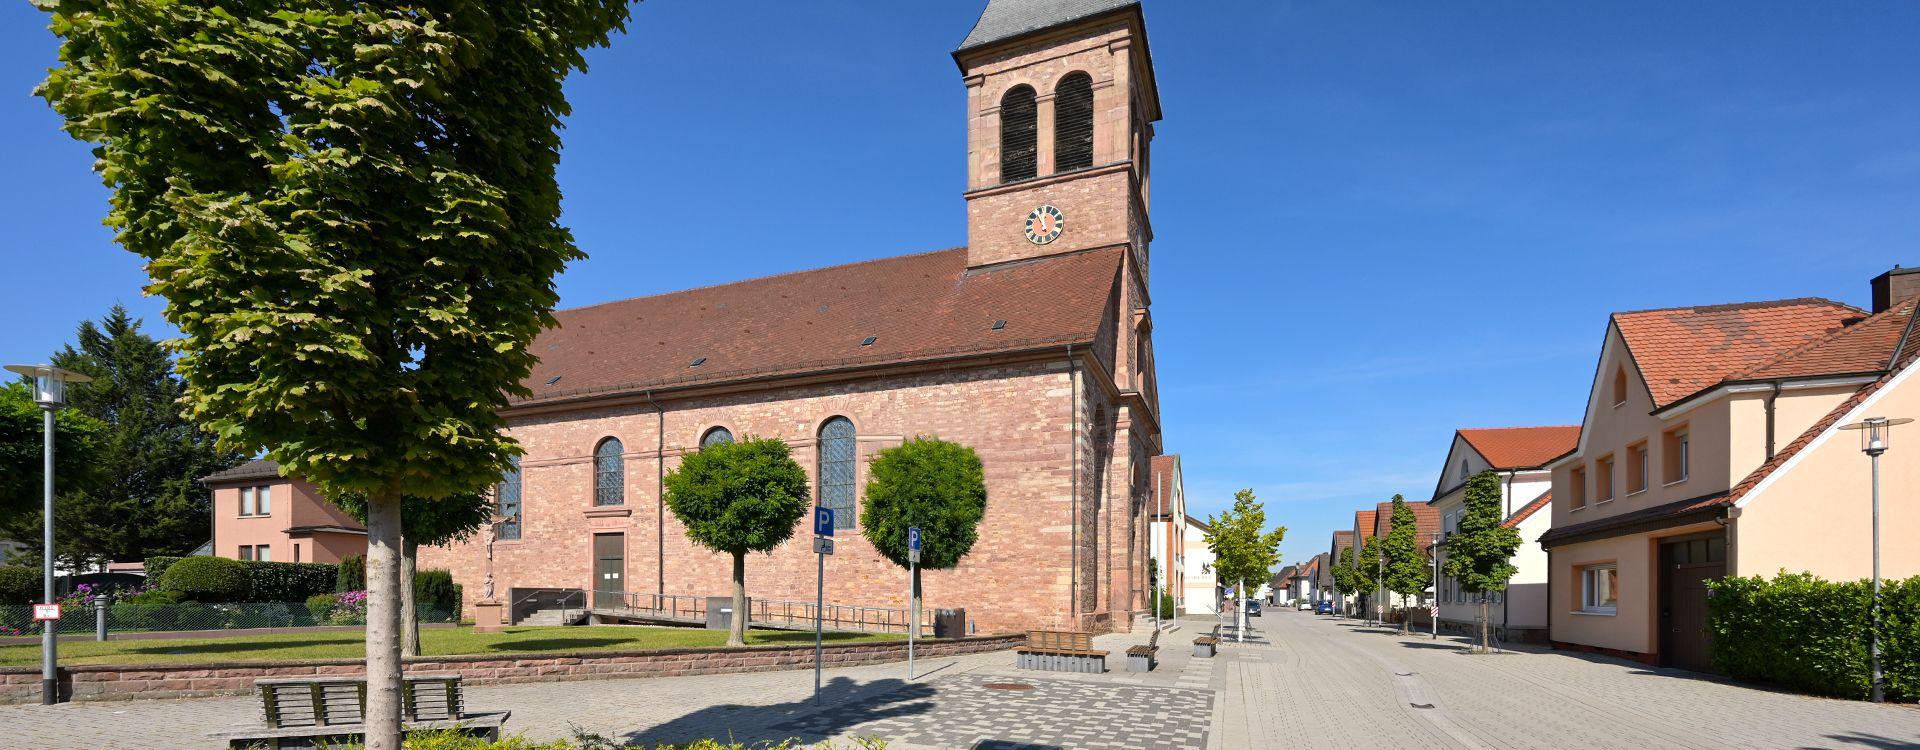 Otigheim